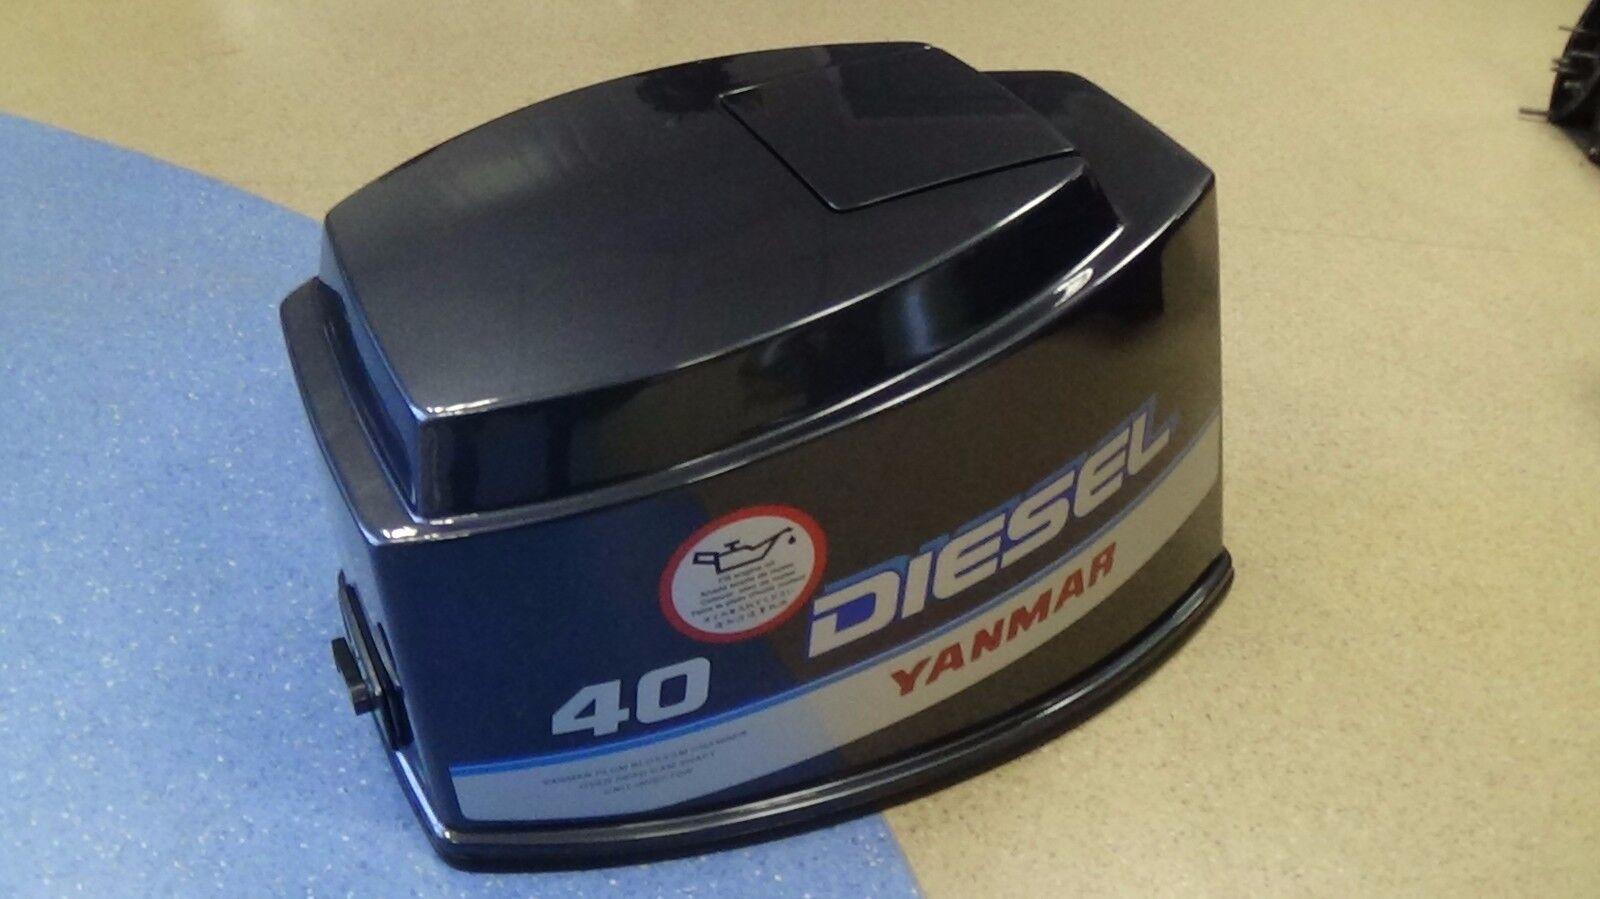 YANMAR Diesel Diesel YANMAR D40 Top Cowling Assy 0f8055